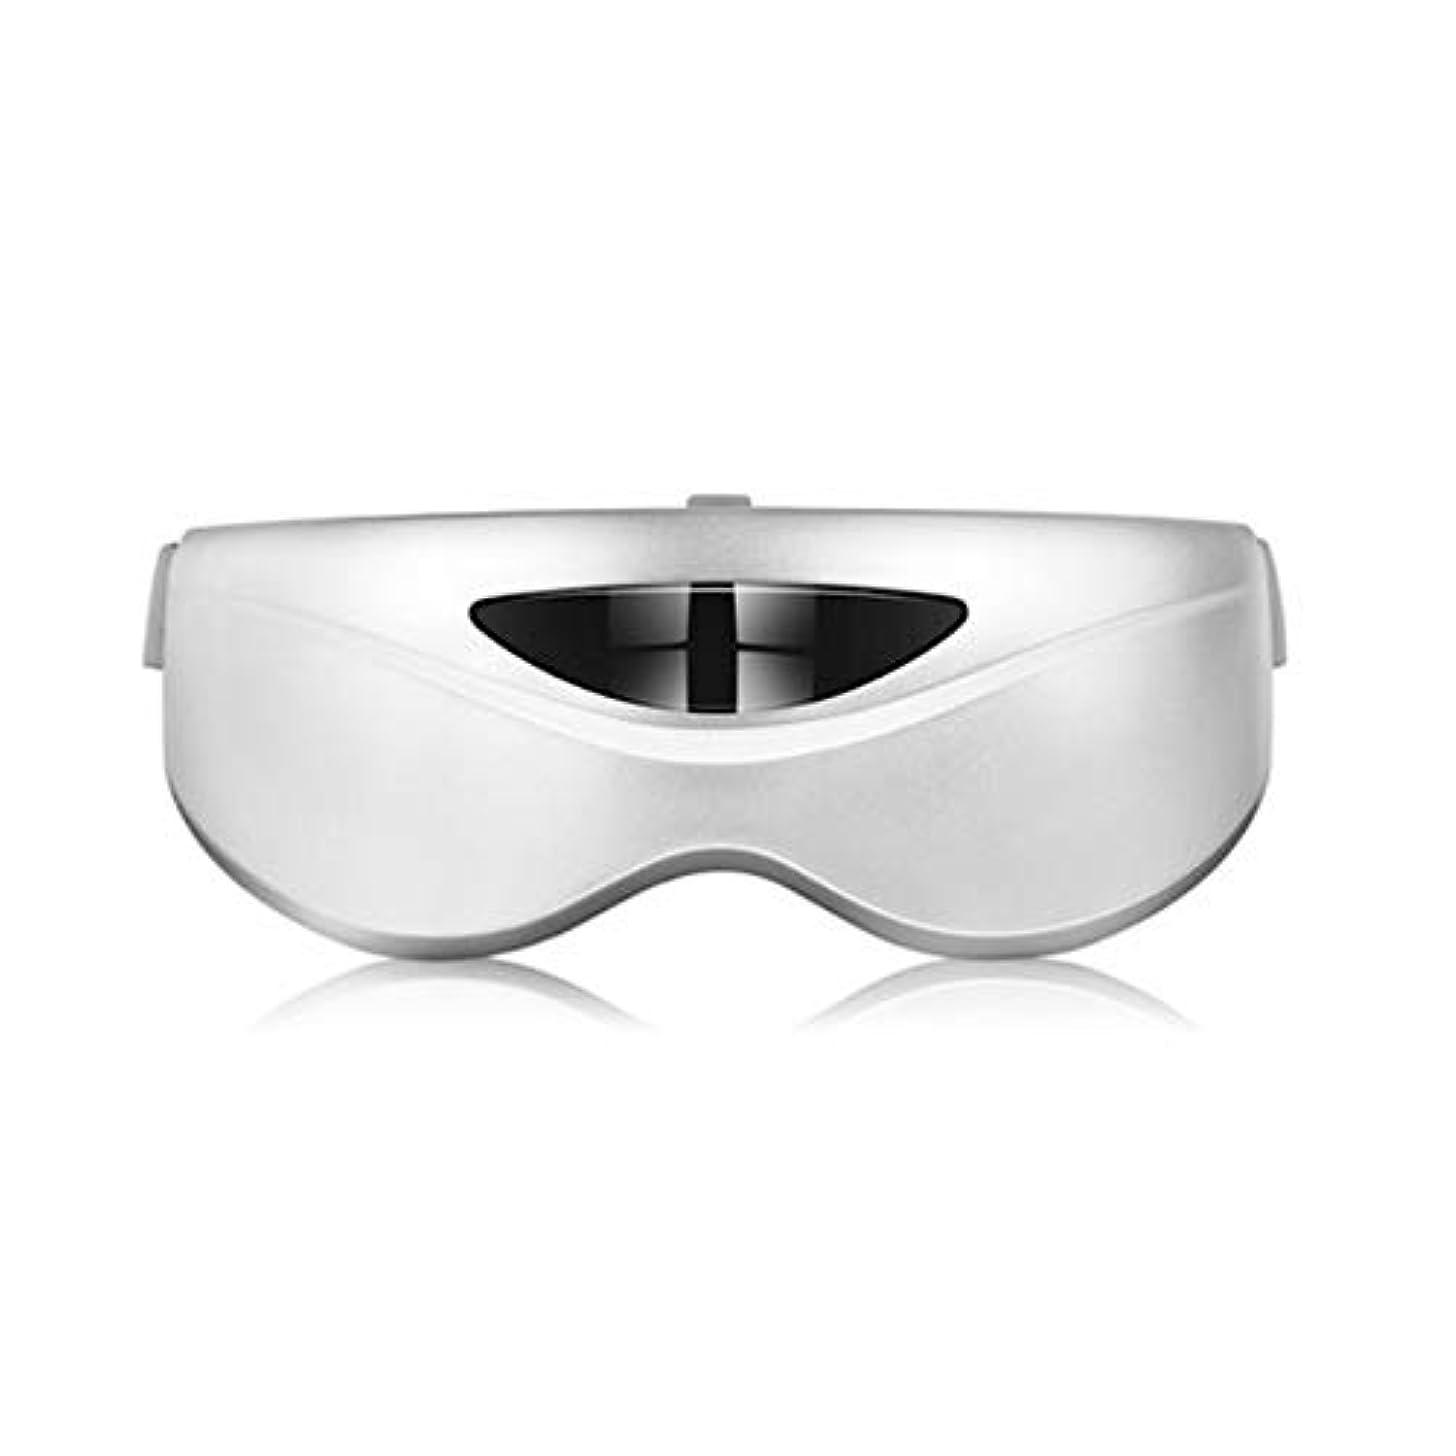 マッサージ器 - 熱を緩和するアイケア機器アイマスク疲労マッサージ器 (Color : Silver)